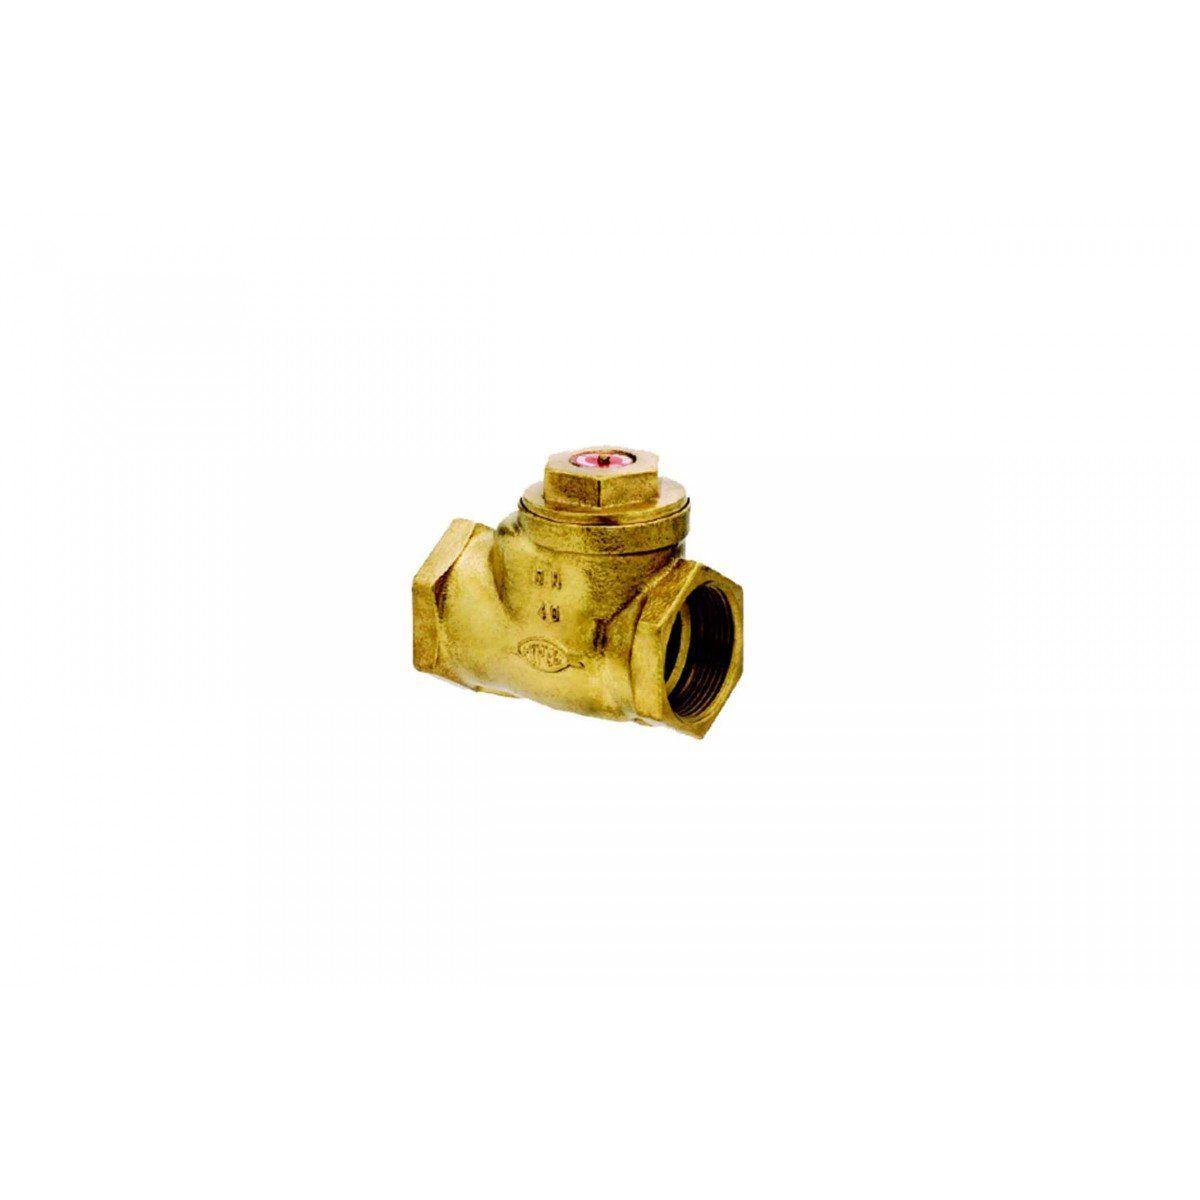 Válvula de Retenção com Portinhola com O'ring - Referencia: 053